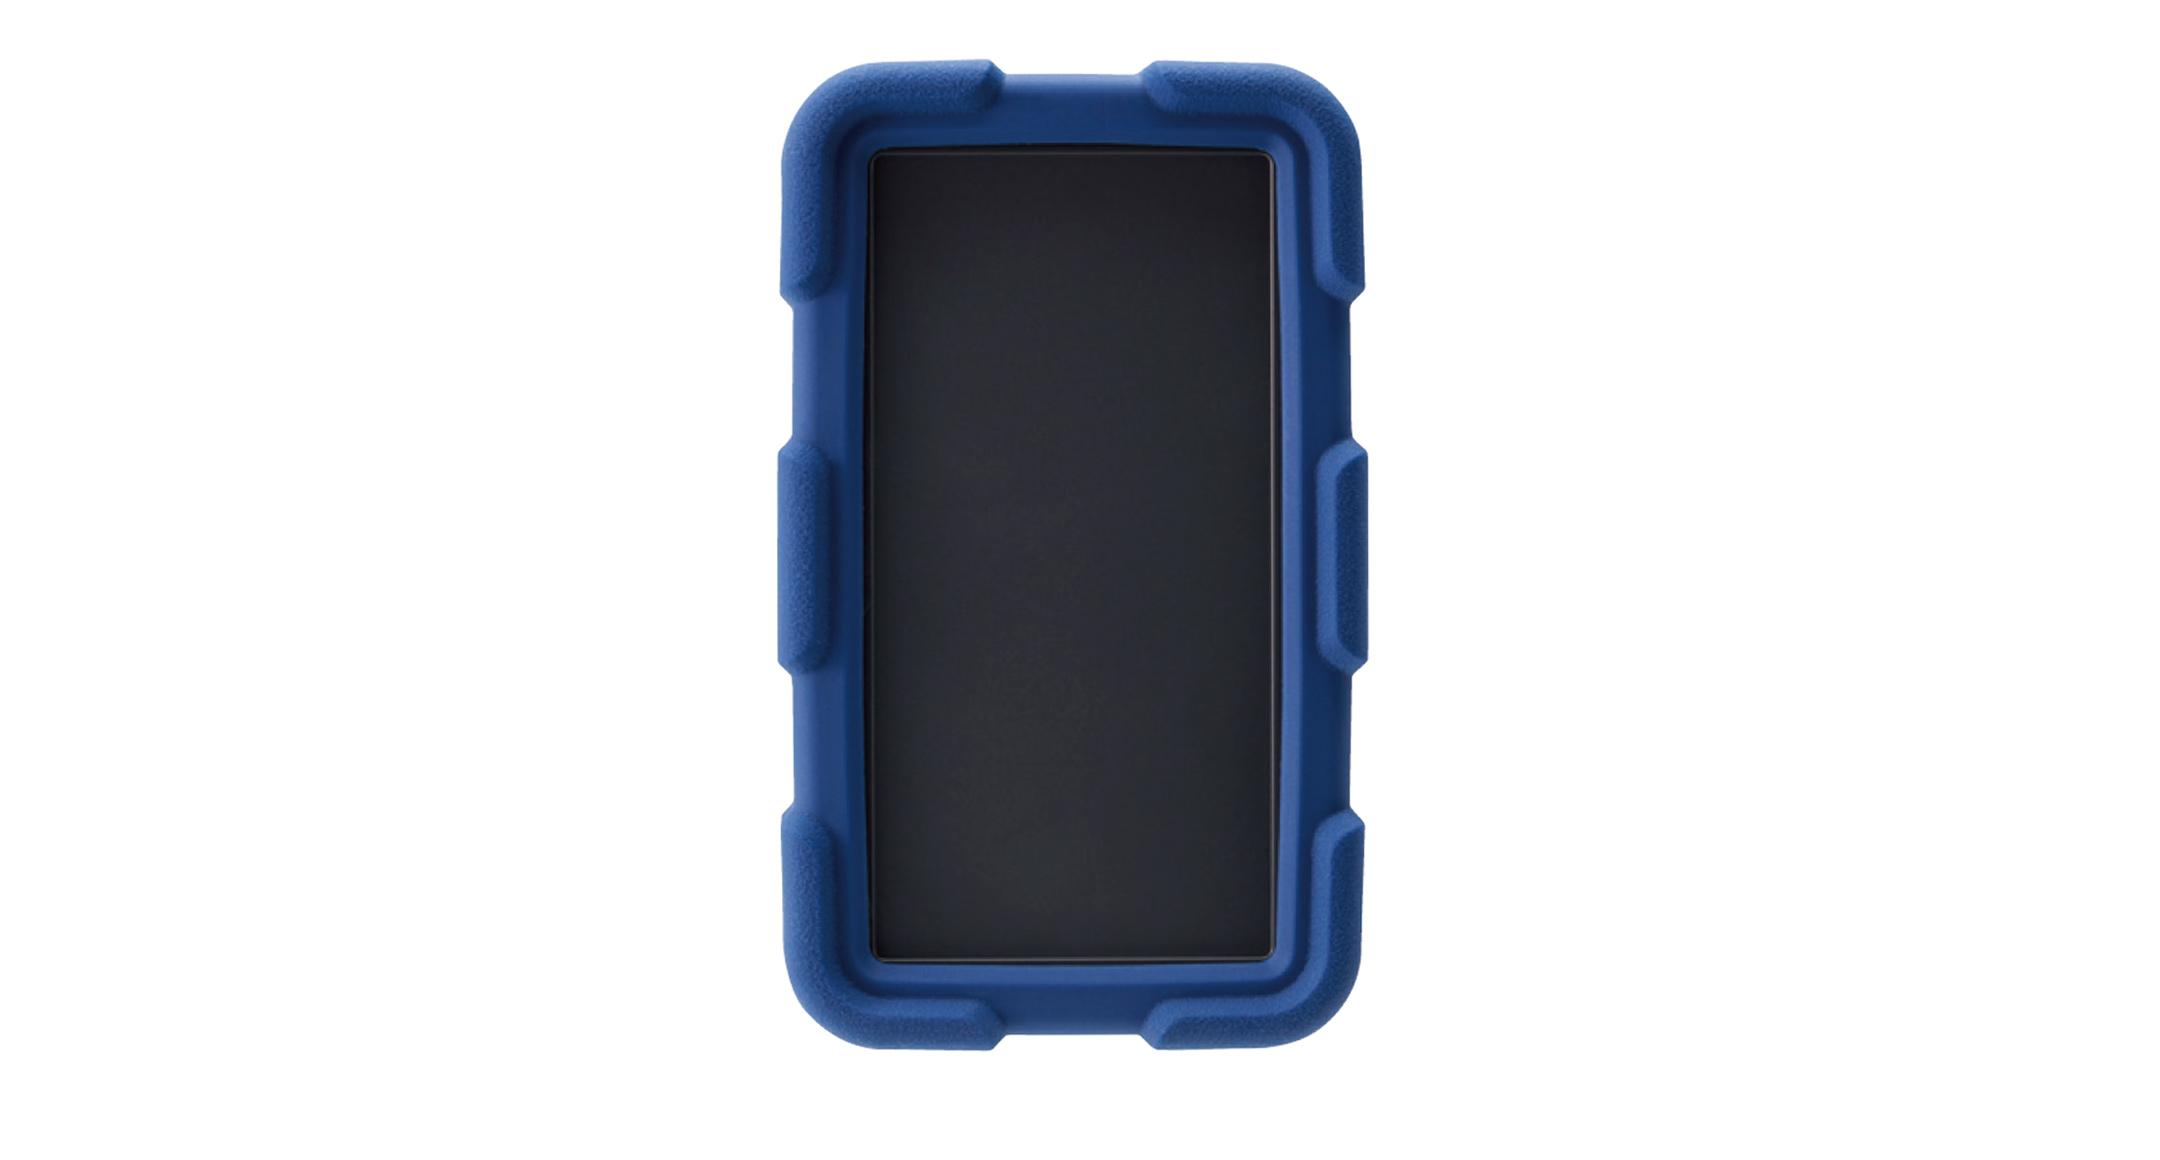 耐衝撃シリコンカバー付プラスチックケース LCTシリーズ:ダークグレー/ネイビーブルーの画像